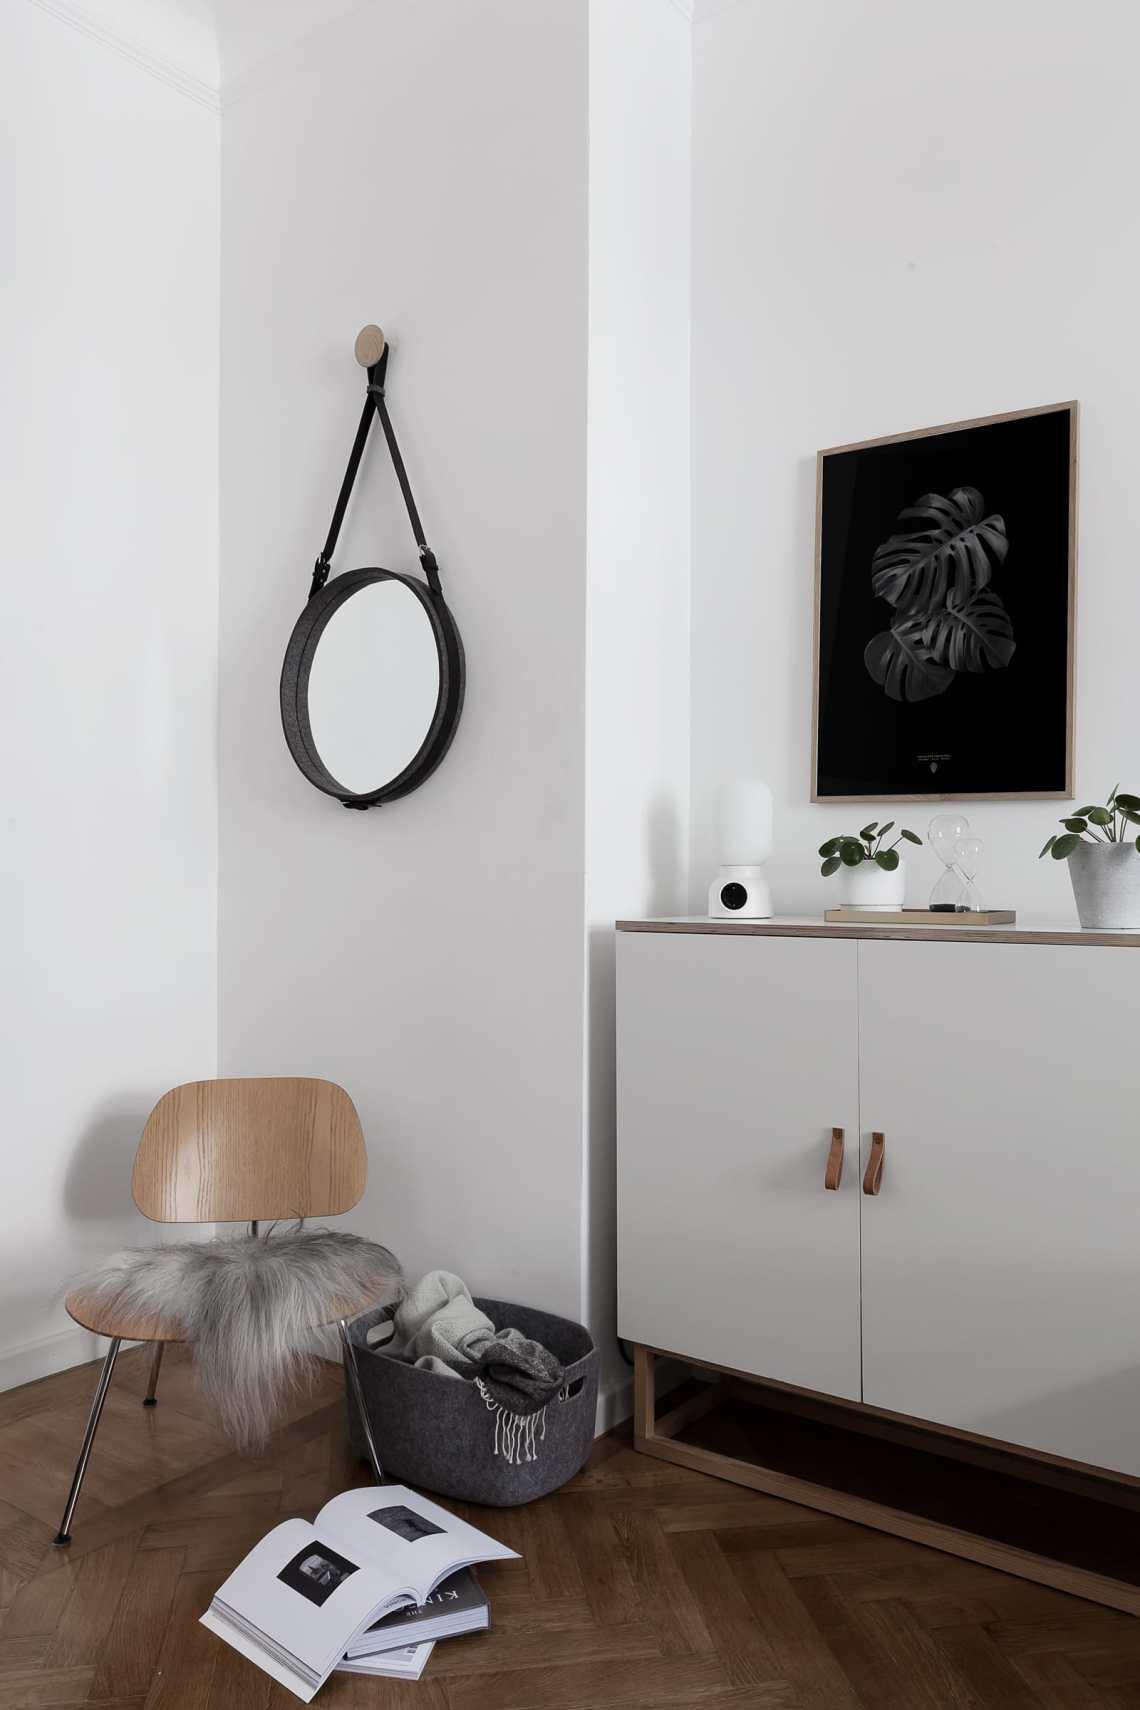 Moving things around - via Coco Lapine Design